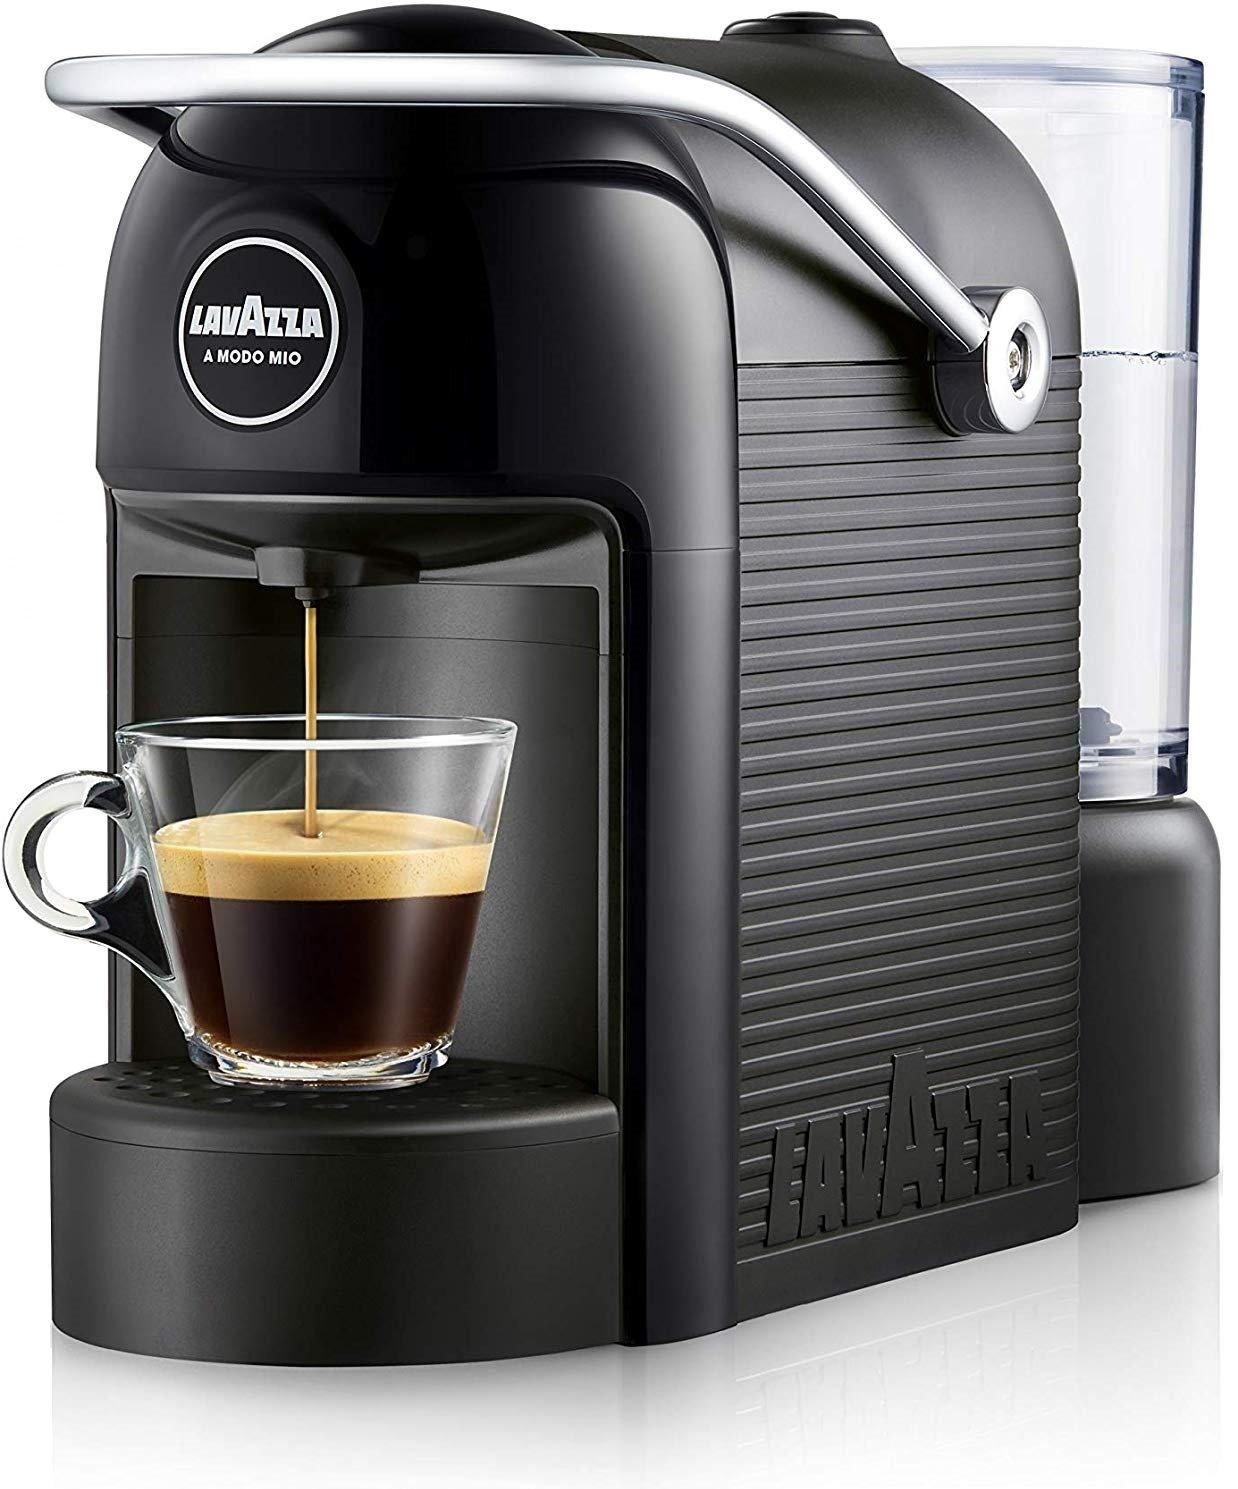 Macchina Per Il Caffe Delta Carrefour